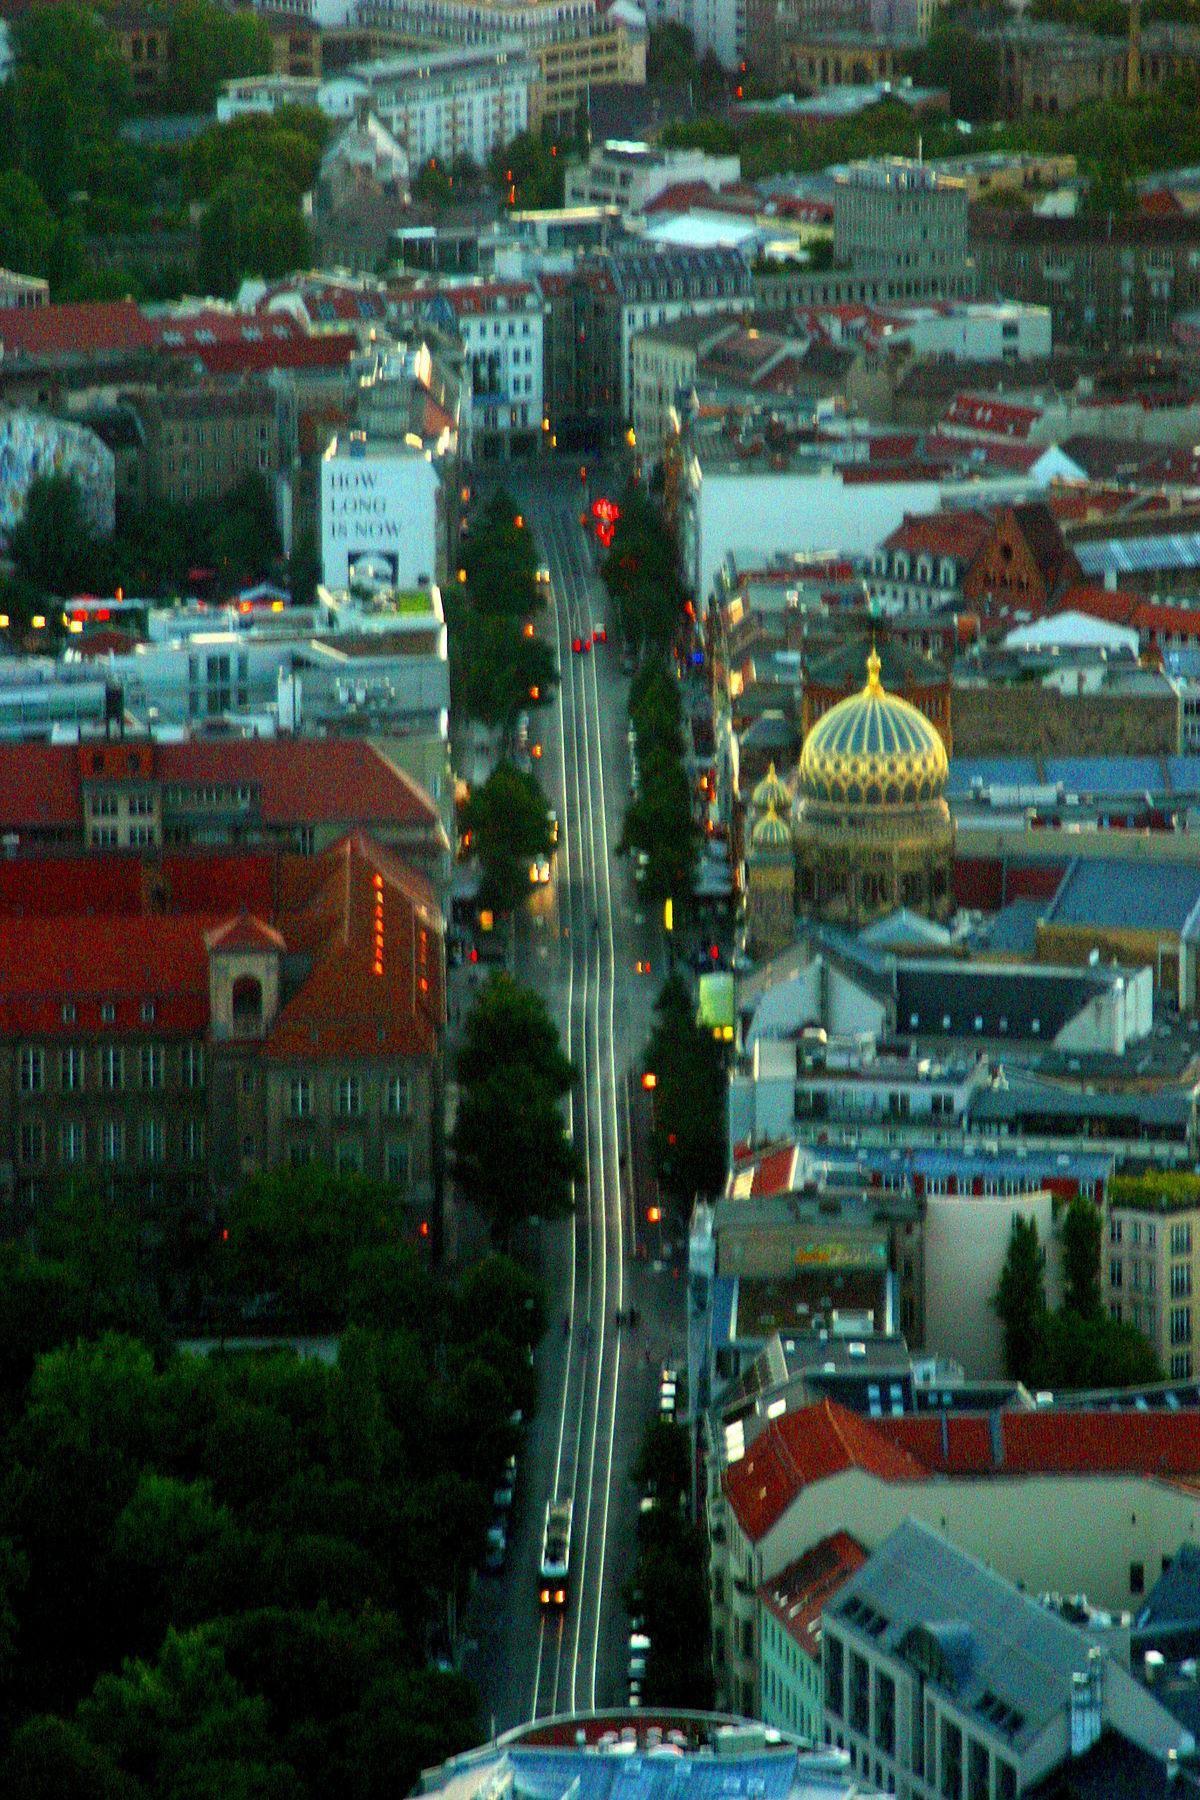 Berlin oranienburger prostitution strasse Red Light